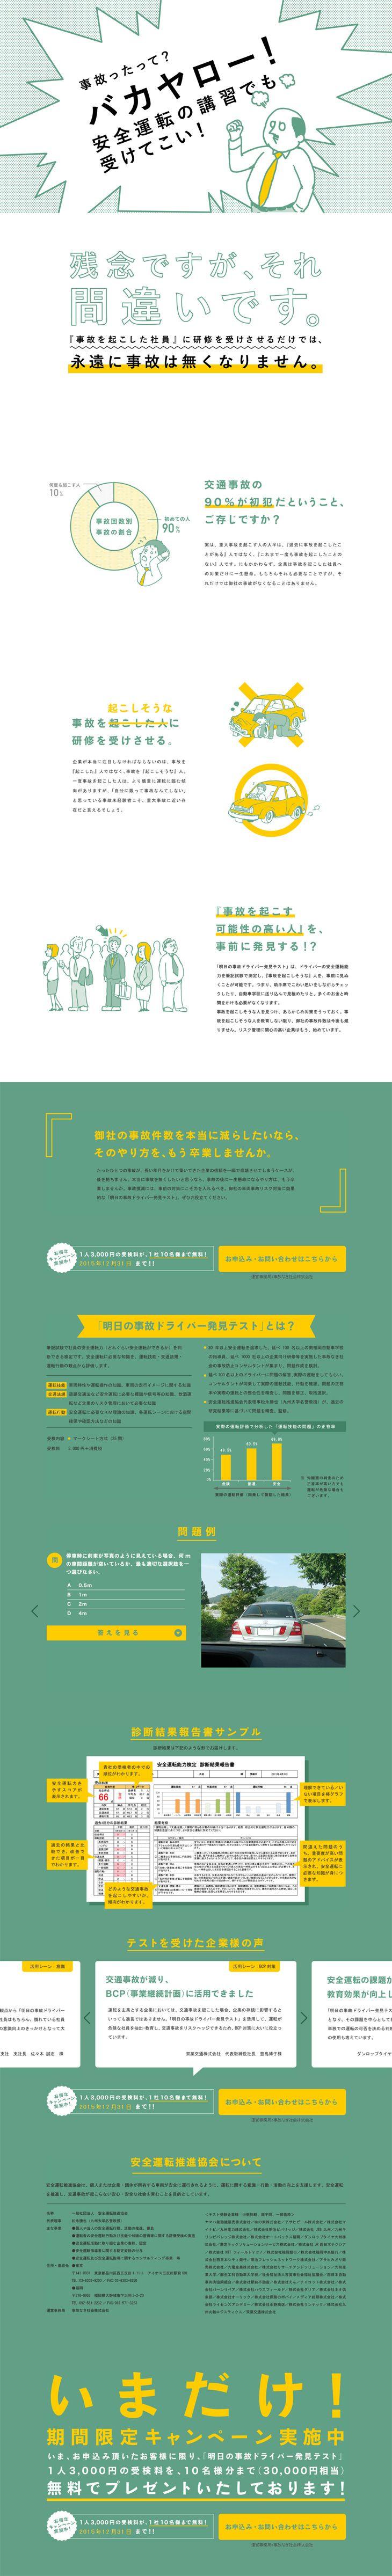 明日の事故ドライバー発見テスト【サービス関連】のLPデザイン。WEBデザイナーさん必見!ランディングページのデザイン参考に(シンプル系)